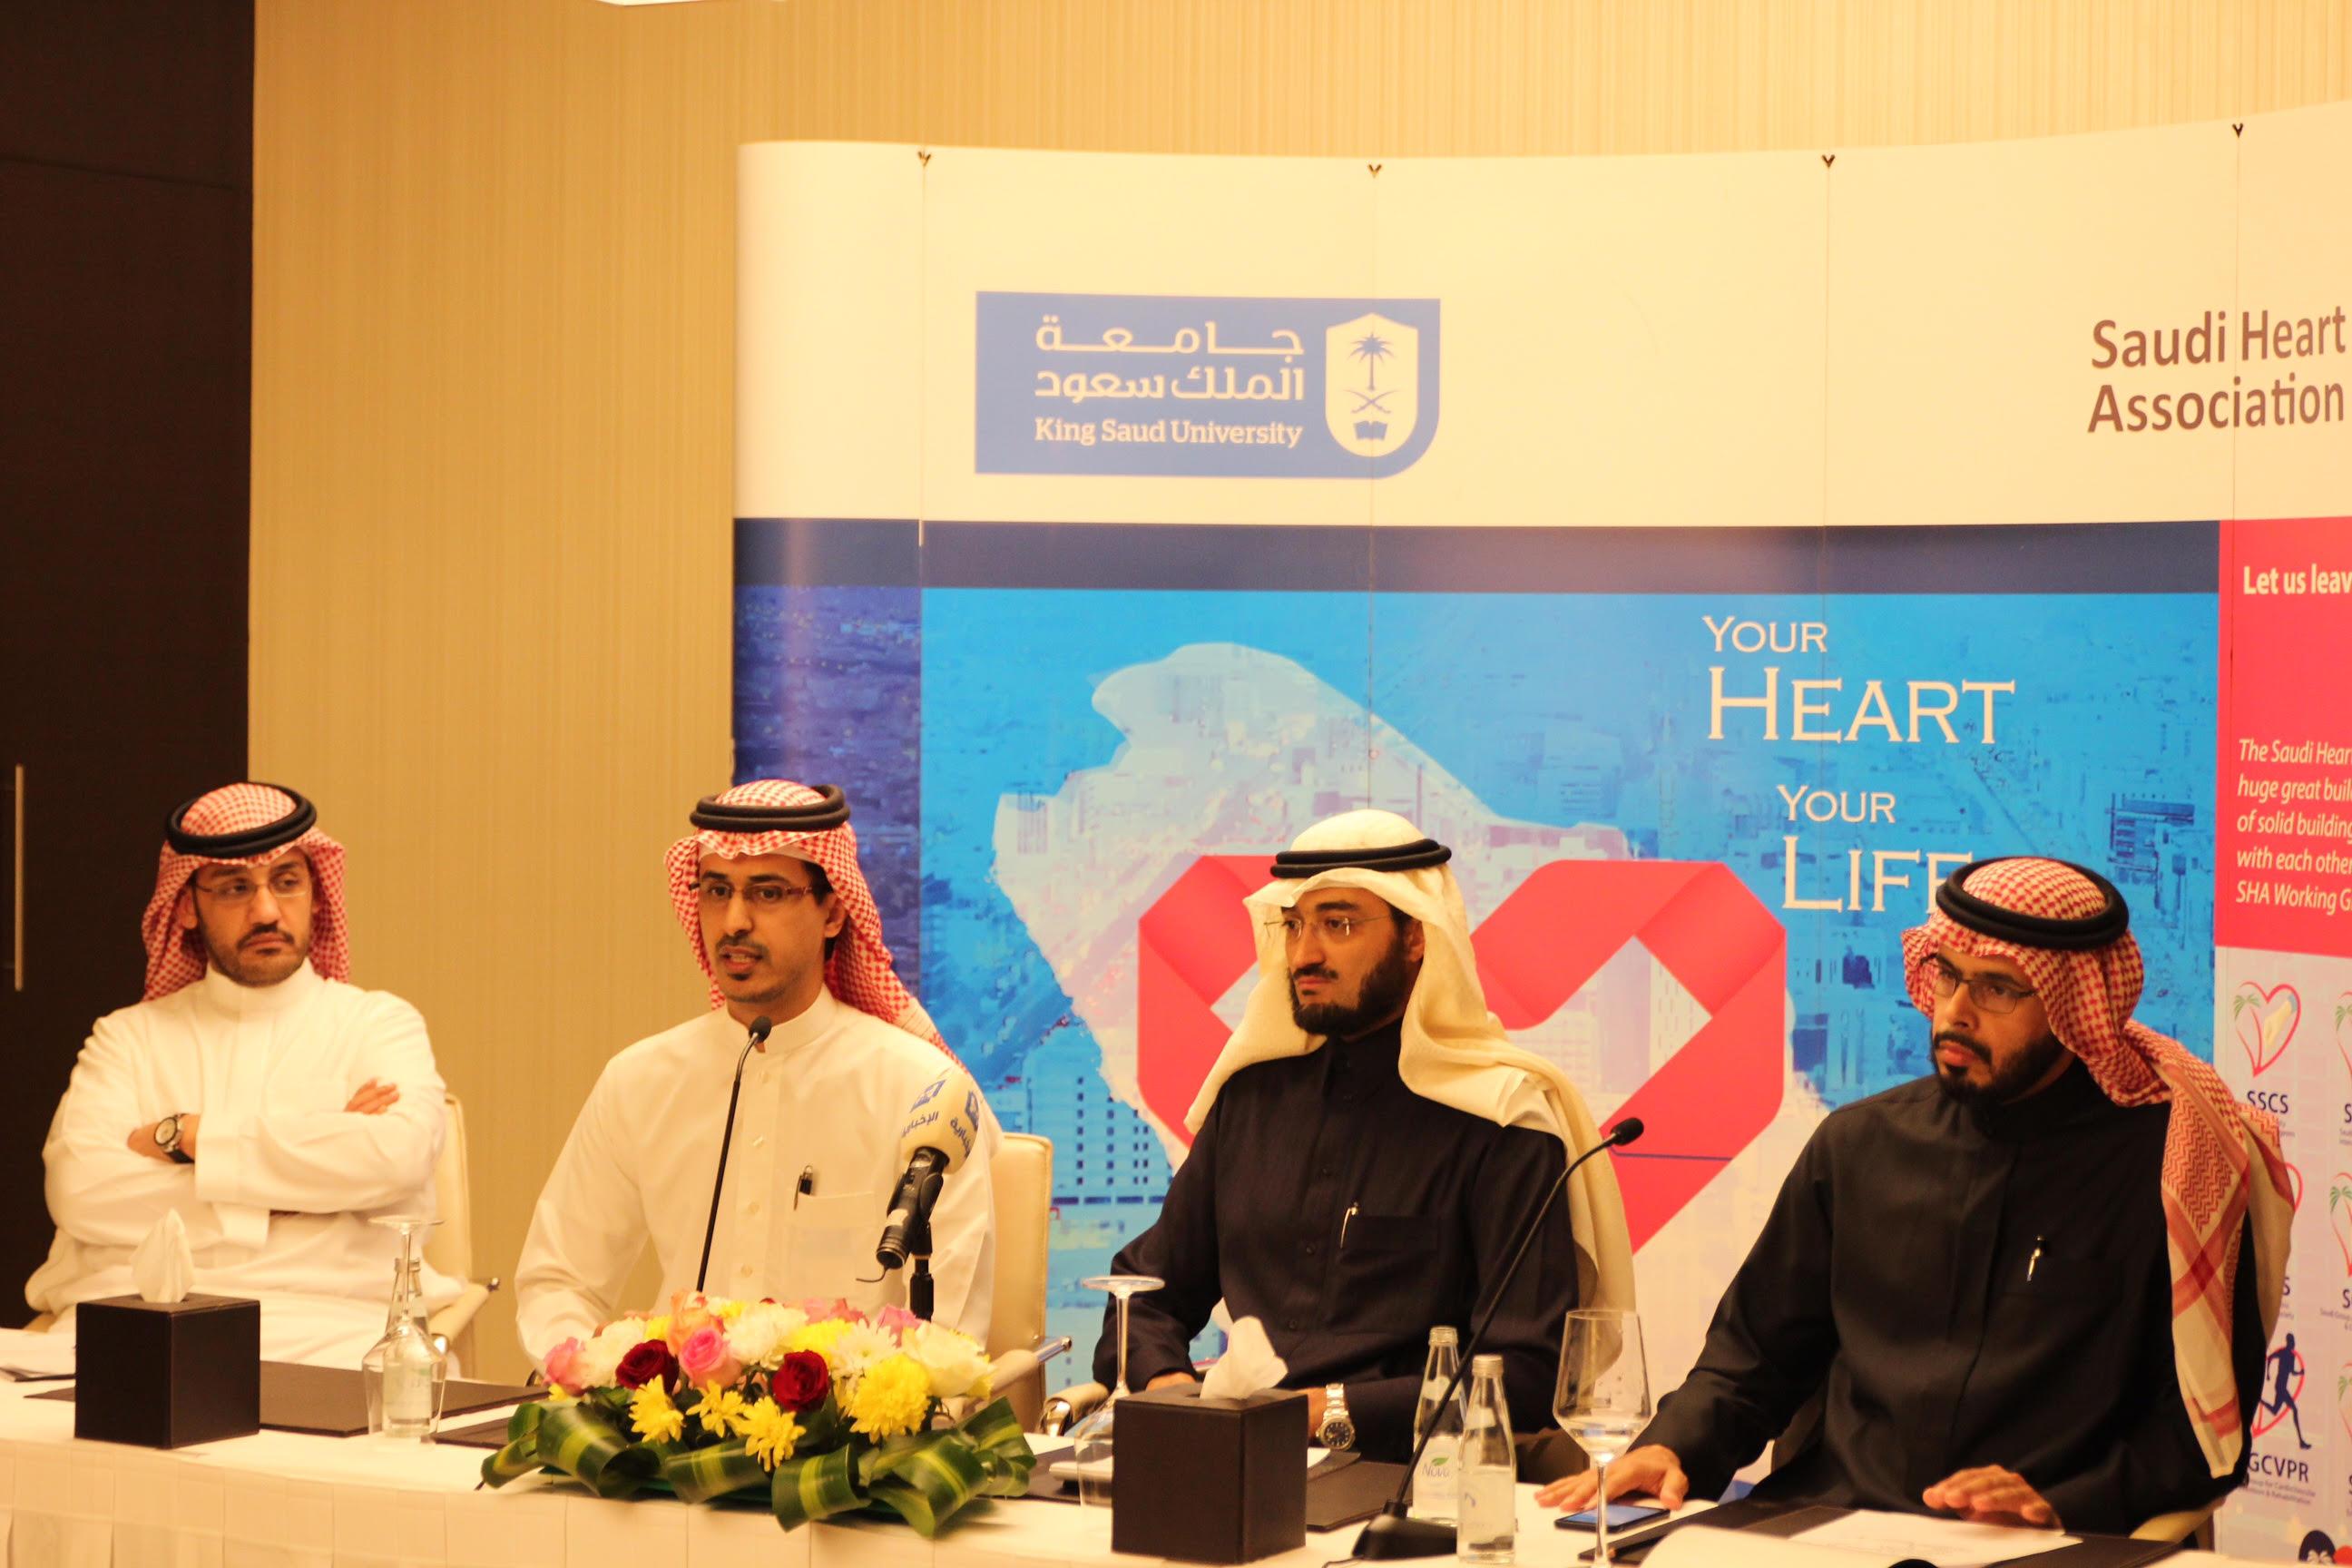 مؤتمر القلب بالرياض (2)